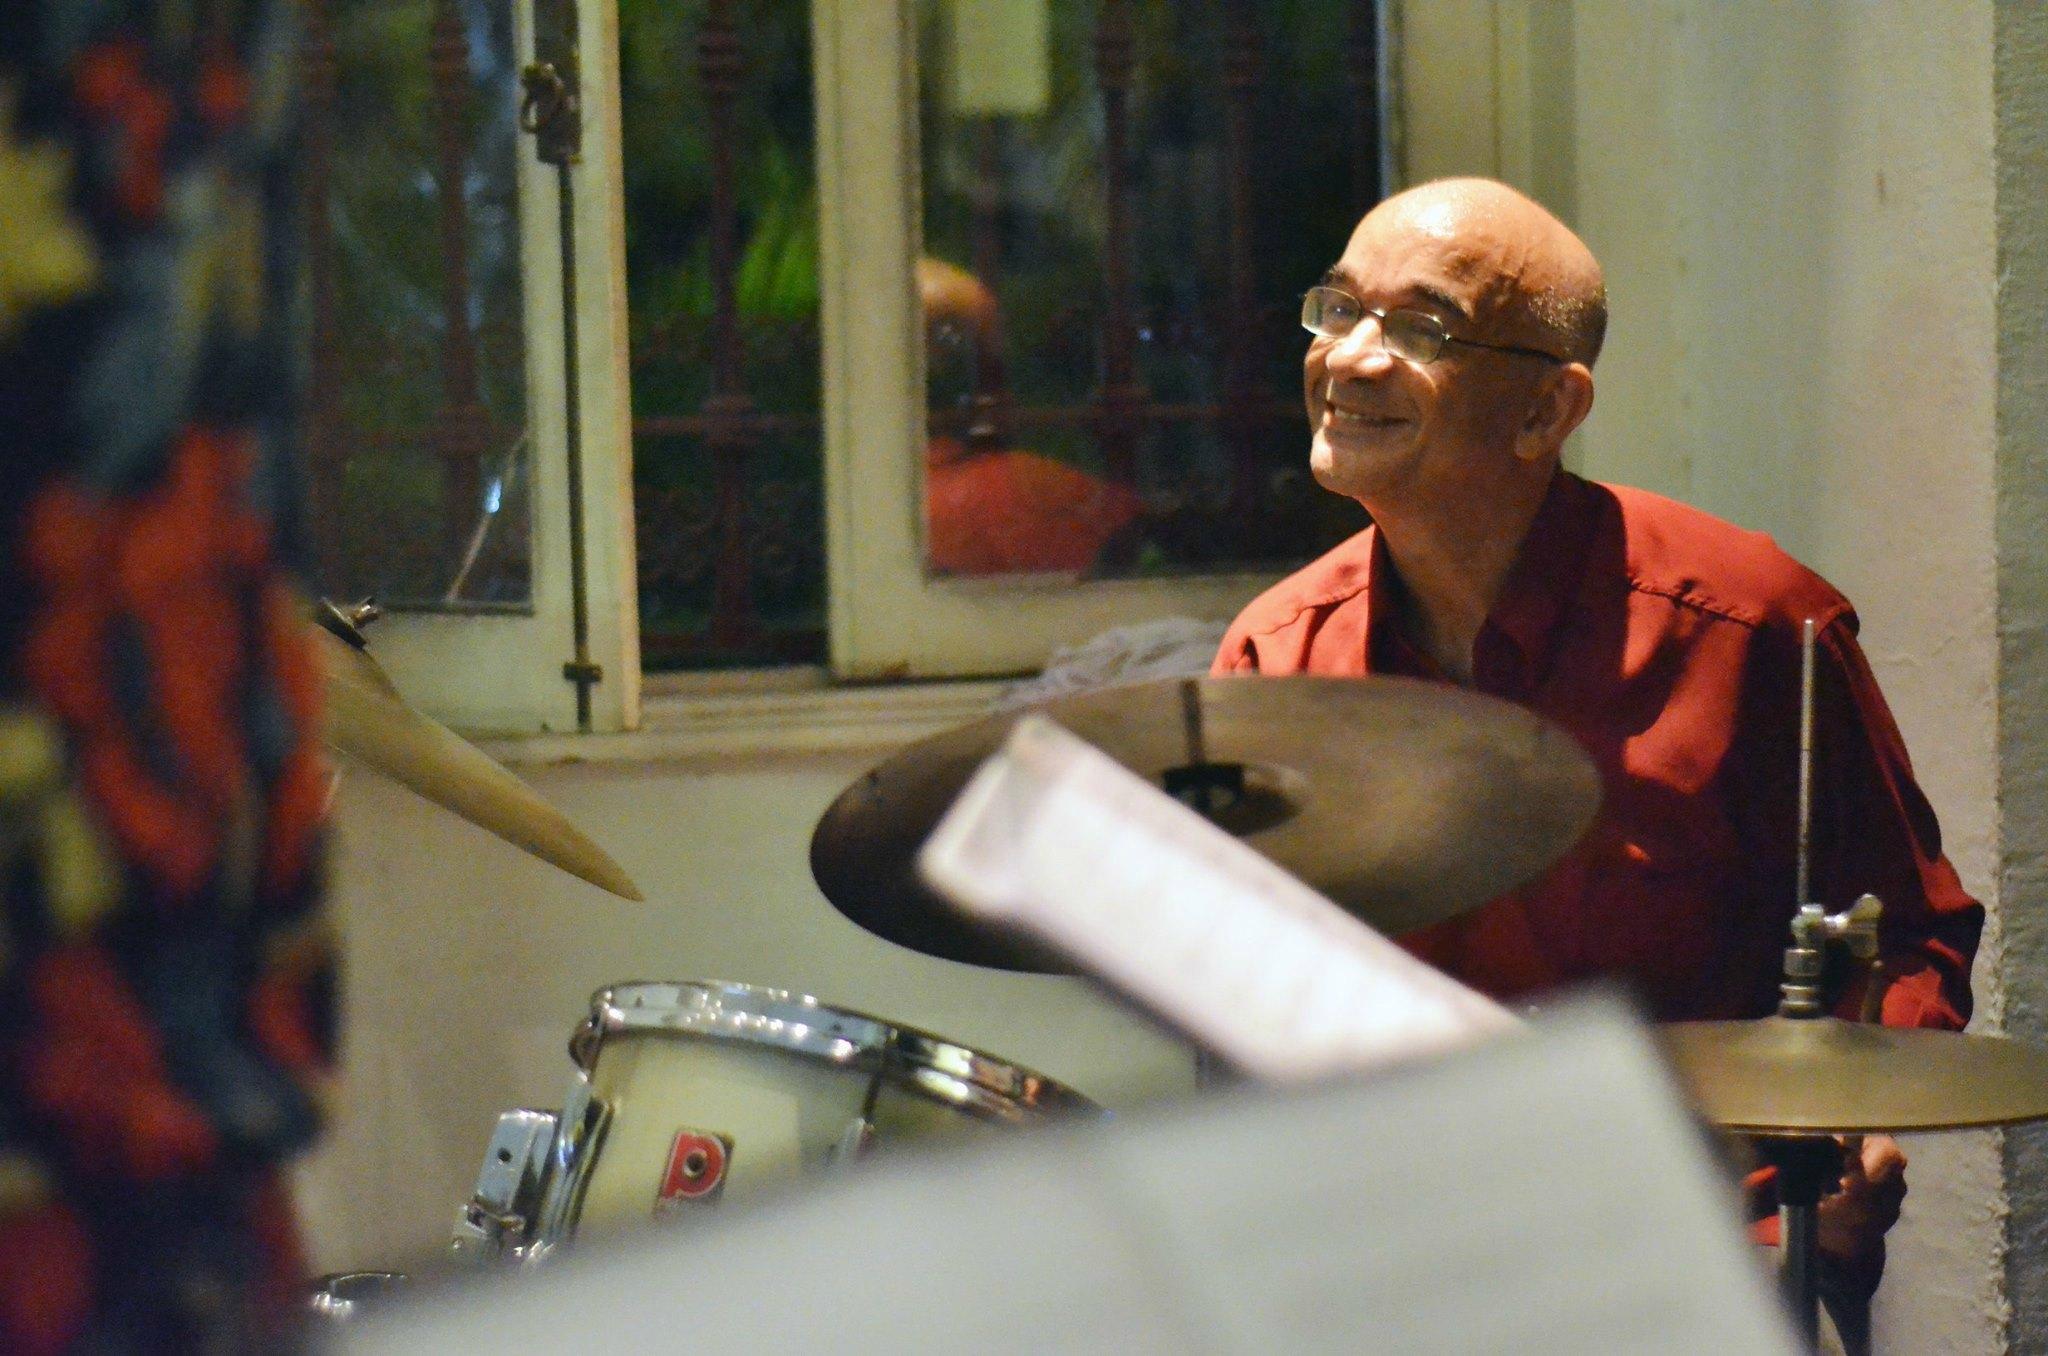 Fernando Pereira durante apresentação no evento Jazz na Candelária Foto: Alexandre Horta / coisasdamusica